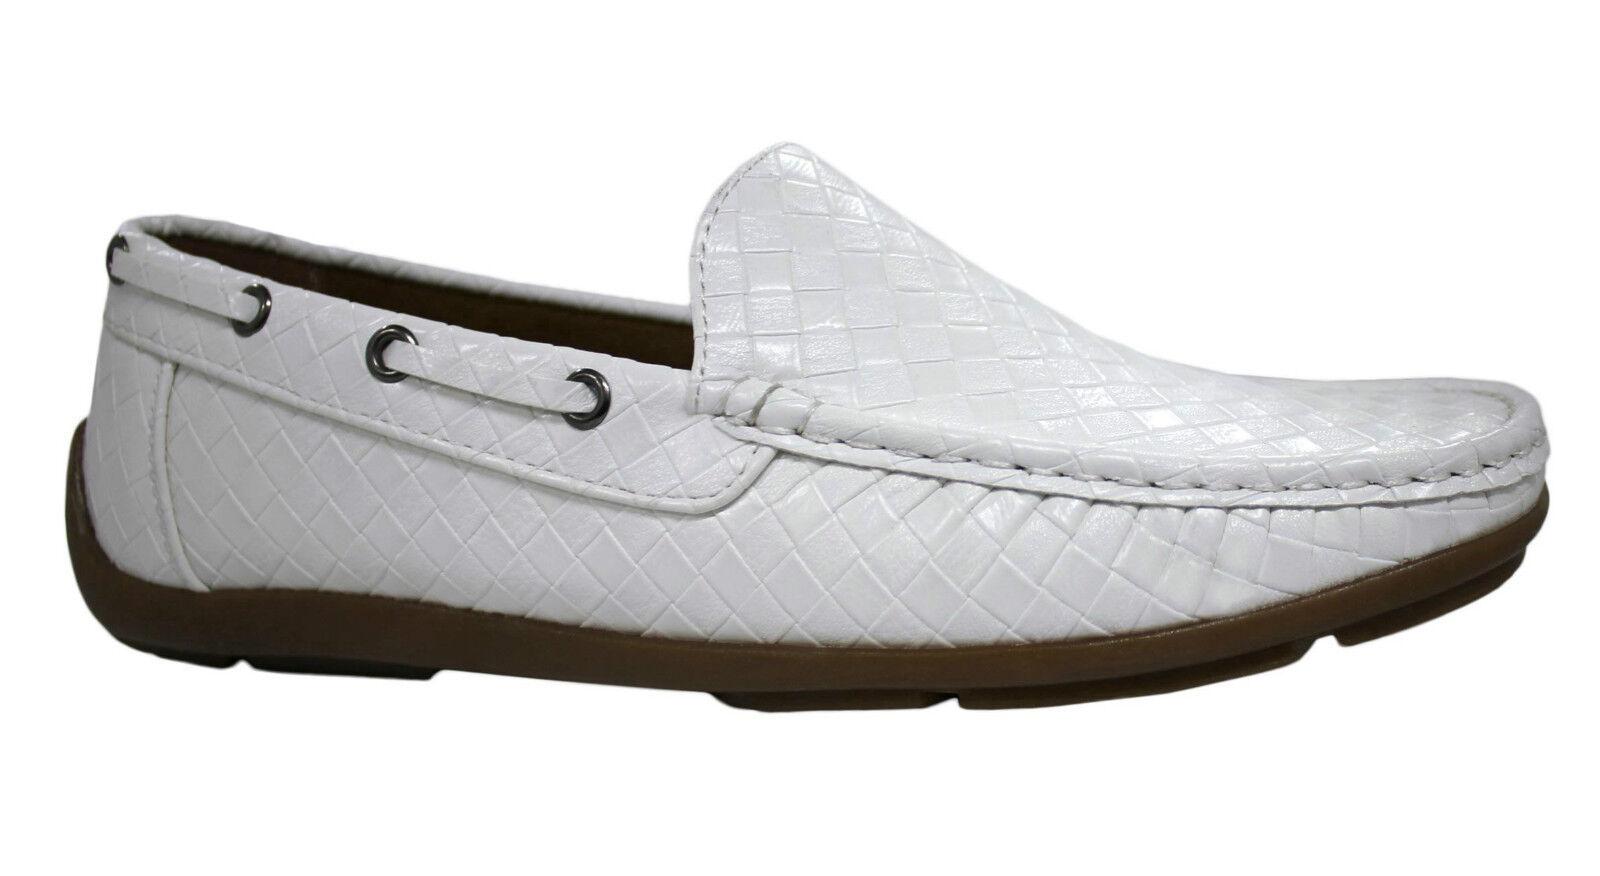 Toma De Pedidos En Línea Barato Muy Barato Calzature & Accessori eleganti bianchi per uomo Barato De Venta Original QJw80s25xu